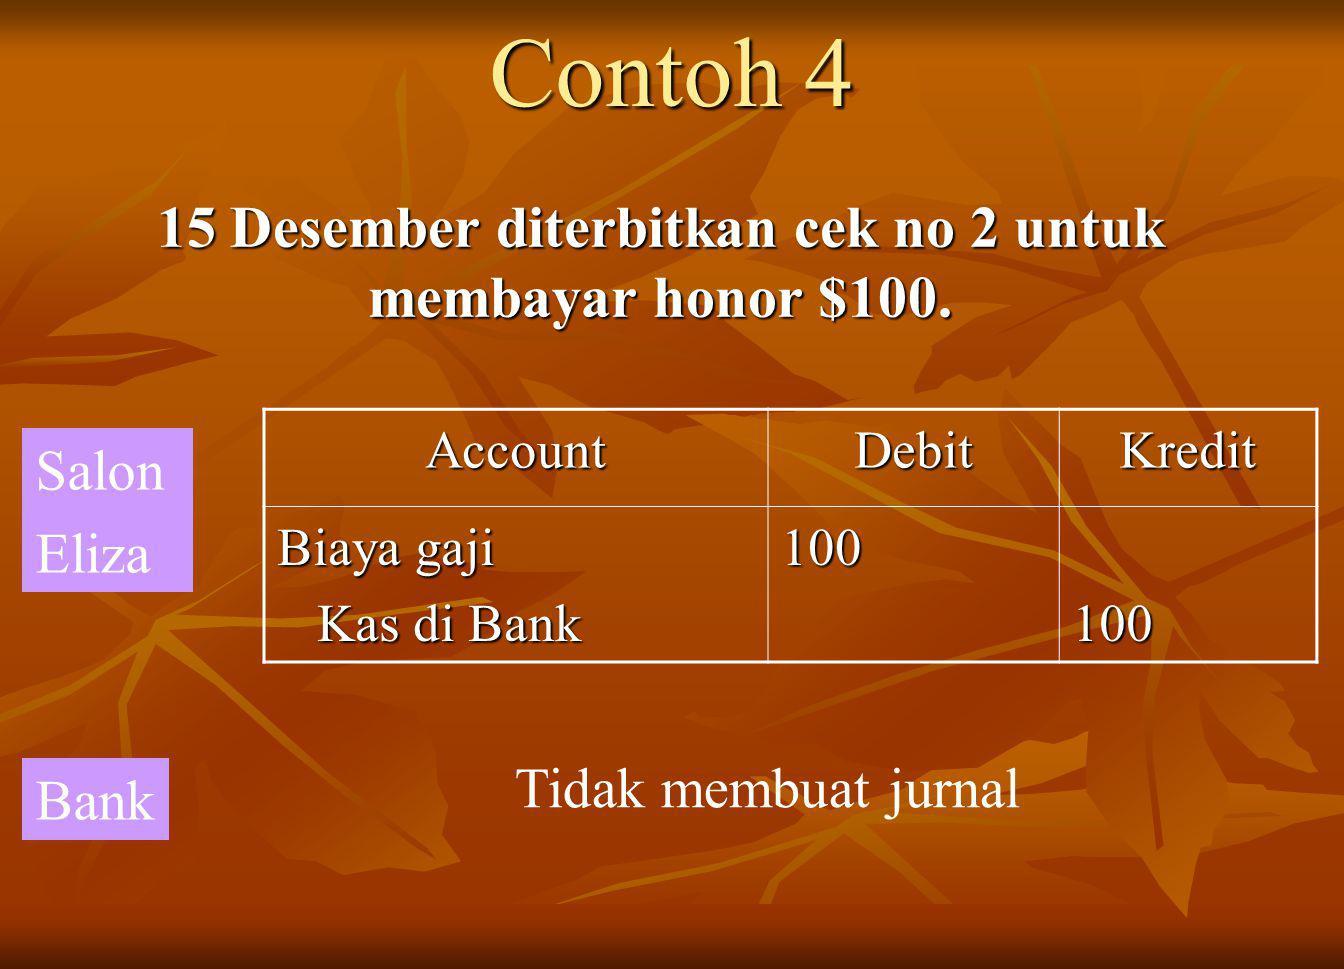 Contoh 4 15 Desember diterbitkan cek no 2 untuk membayar honor $100.